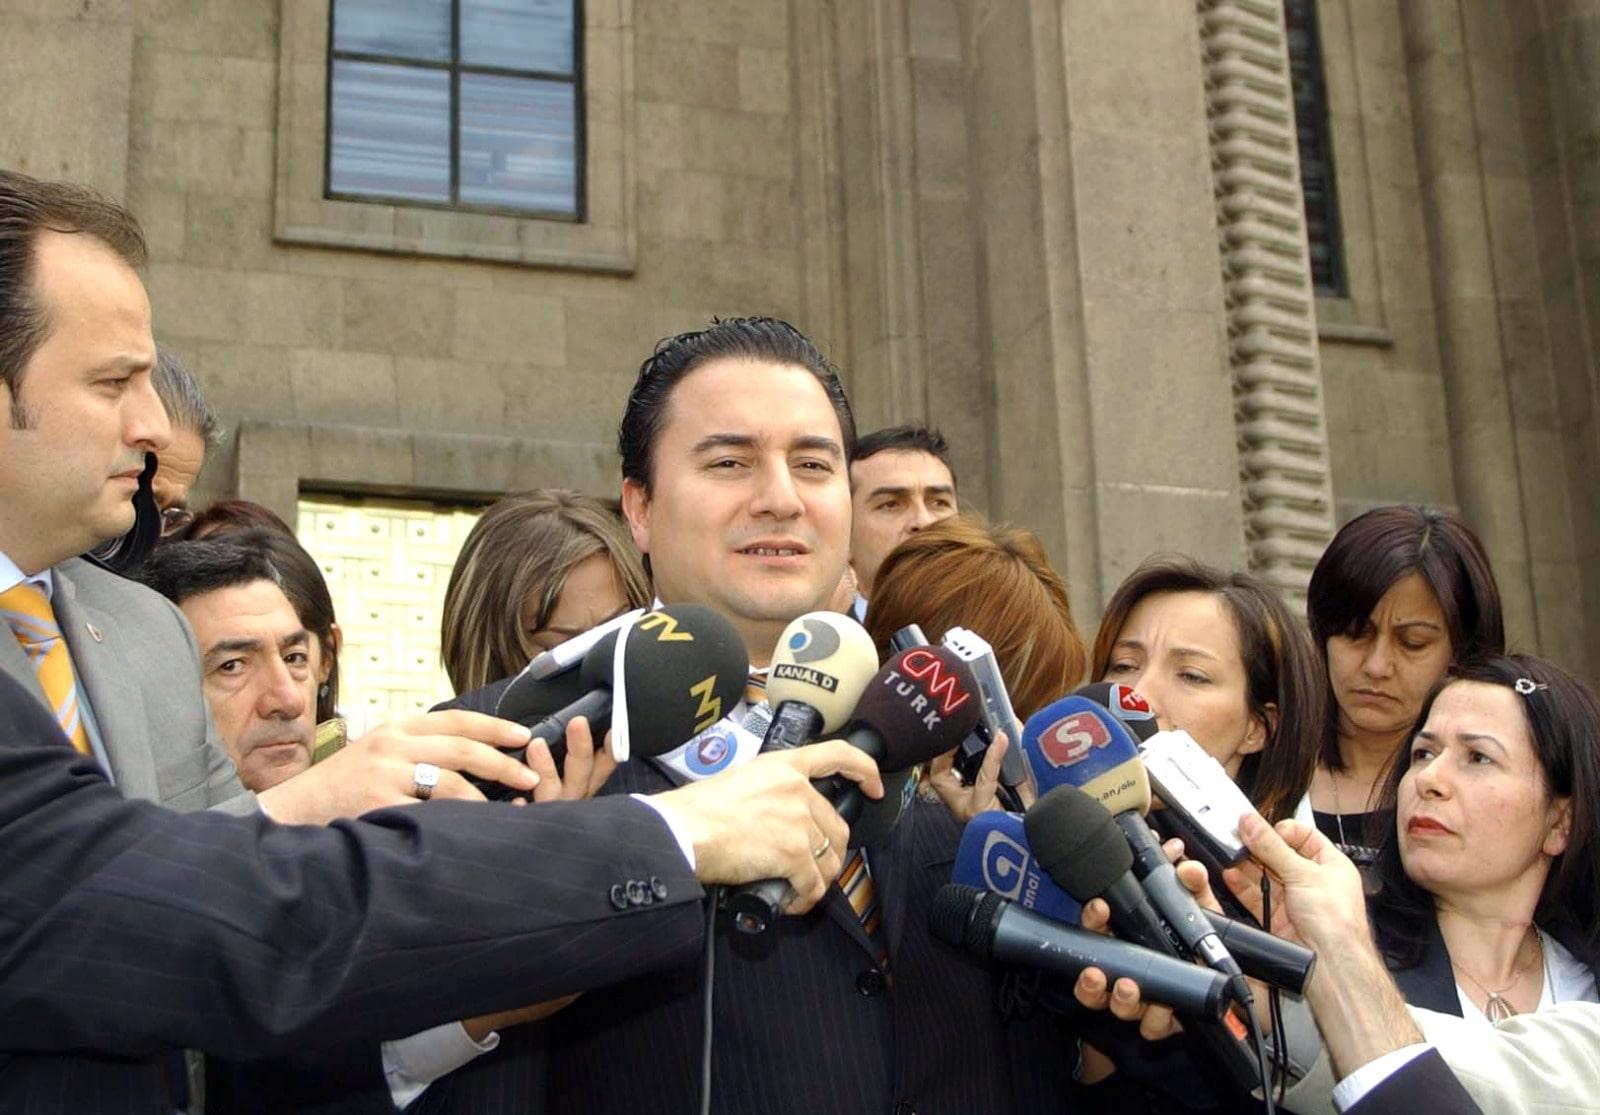 2007 yılında Tayyip Erdoğan tarafından Dışişleri Bakanlığı'na getirildikten sonra ekonomi politikasını tayin edici isimlerden biri oldu. 2009 yılında Dışişleri Bakanlığı koltuğunu Ahmet Davutoğlu'na devrederek Ekonomiden Sorumlu Başbakan Yardımcısı olarak kabinedeki varlığını sürdürdü. 2011 genel seçiminden sonra da aynı görevi sürdürdü.